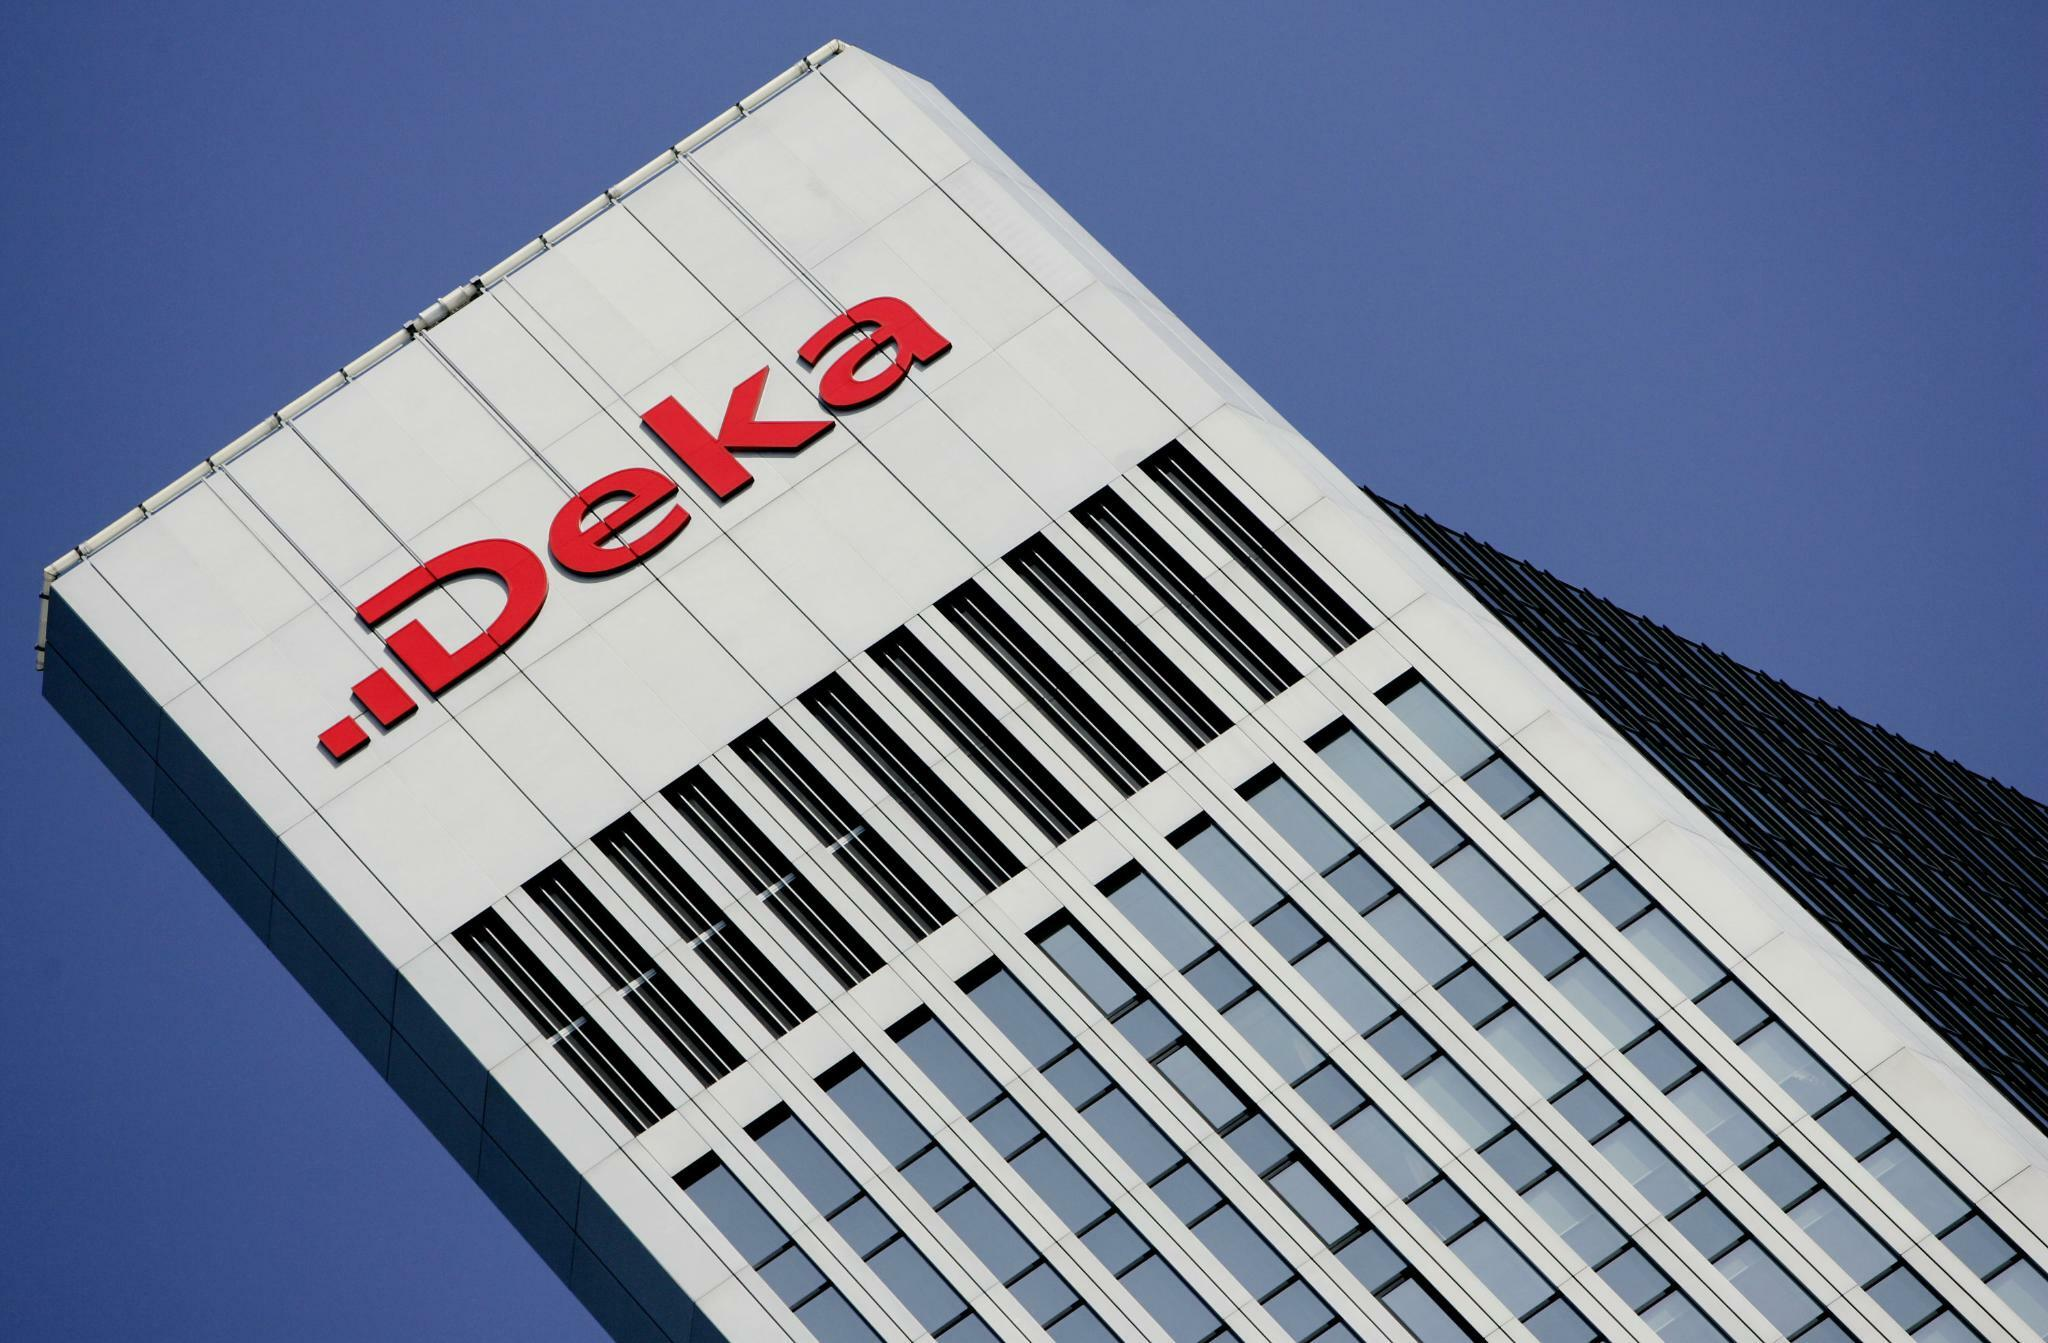 Bilanz: Pensionsverpflichtungen schmälern Gewinn des Fondshauses Deka